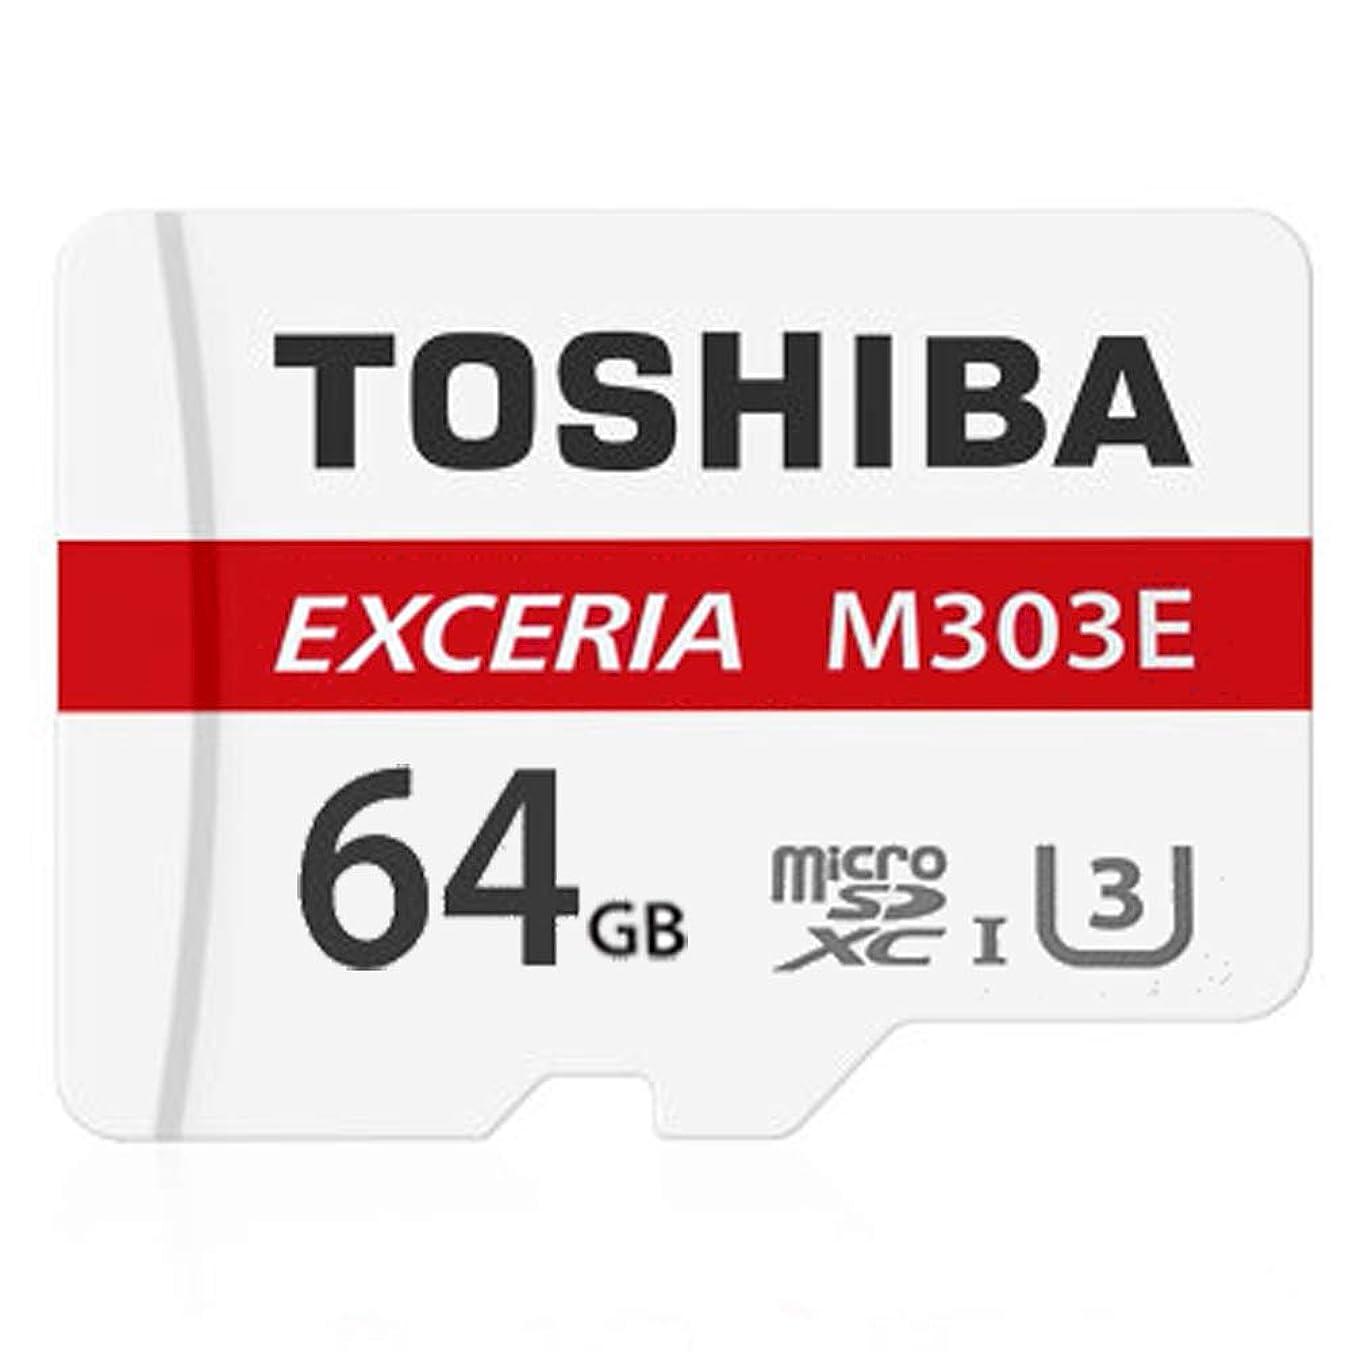 予備記者無力64GB 高耐久 microSDXCカード マイクロSD TOSHIBA 東芝 EXCERIA M303E CLASS10 UHS-I U3 R:98MB/s W:65MB/s SDアダプタ付 海外リテール THN-M303E0640A2